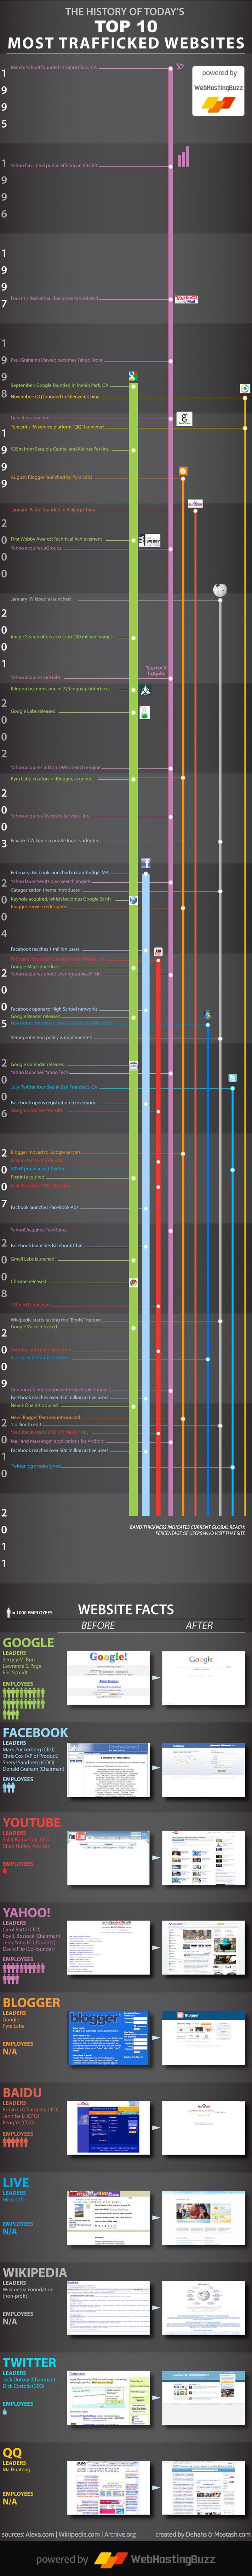 Historia de los 10 webs con más tráfico del mundo